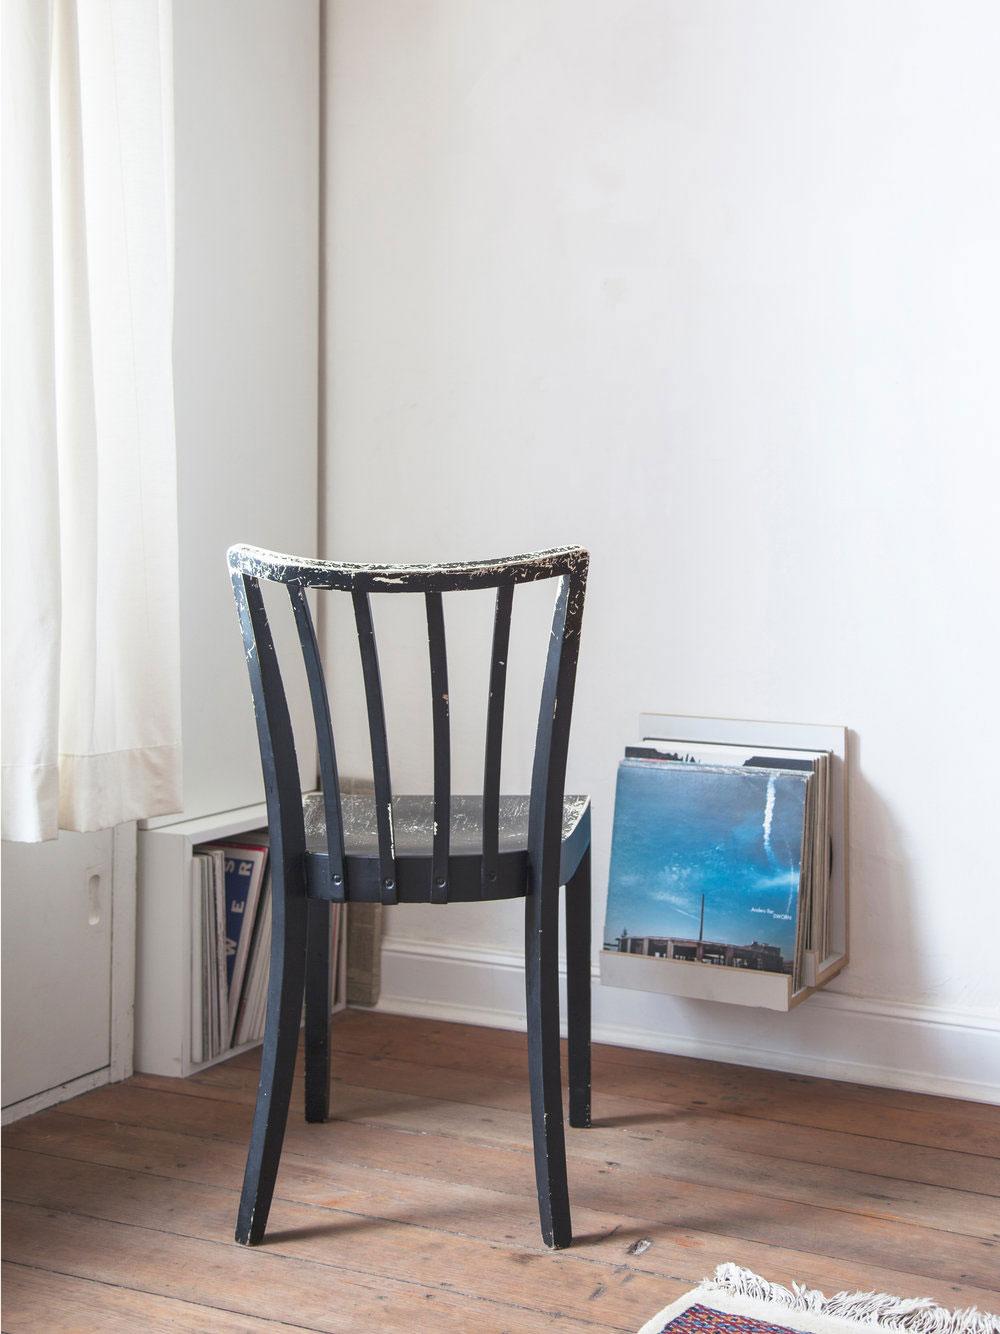 Stuhl in der Ecke mit Schallplatten